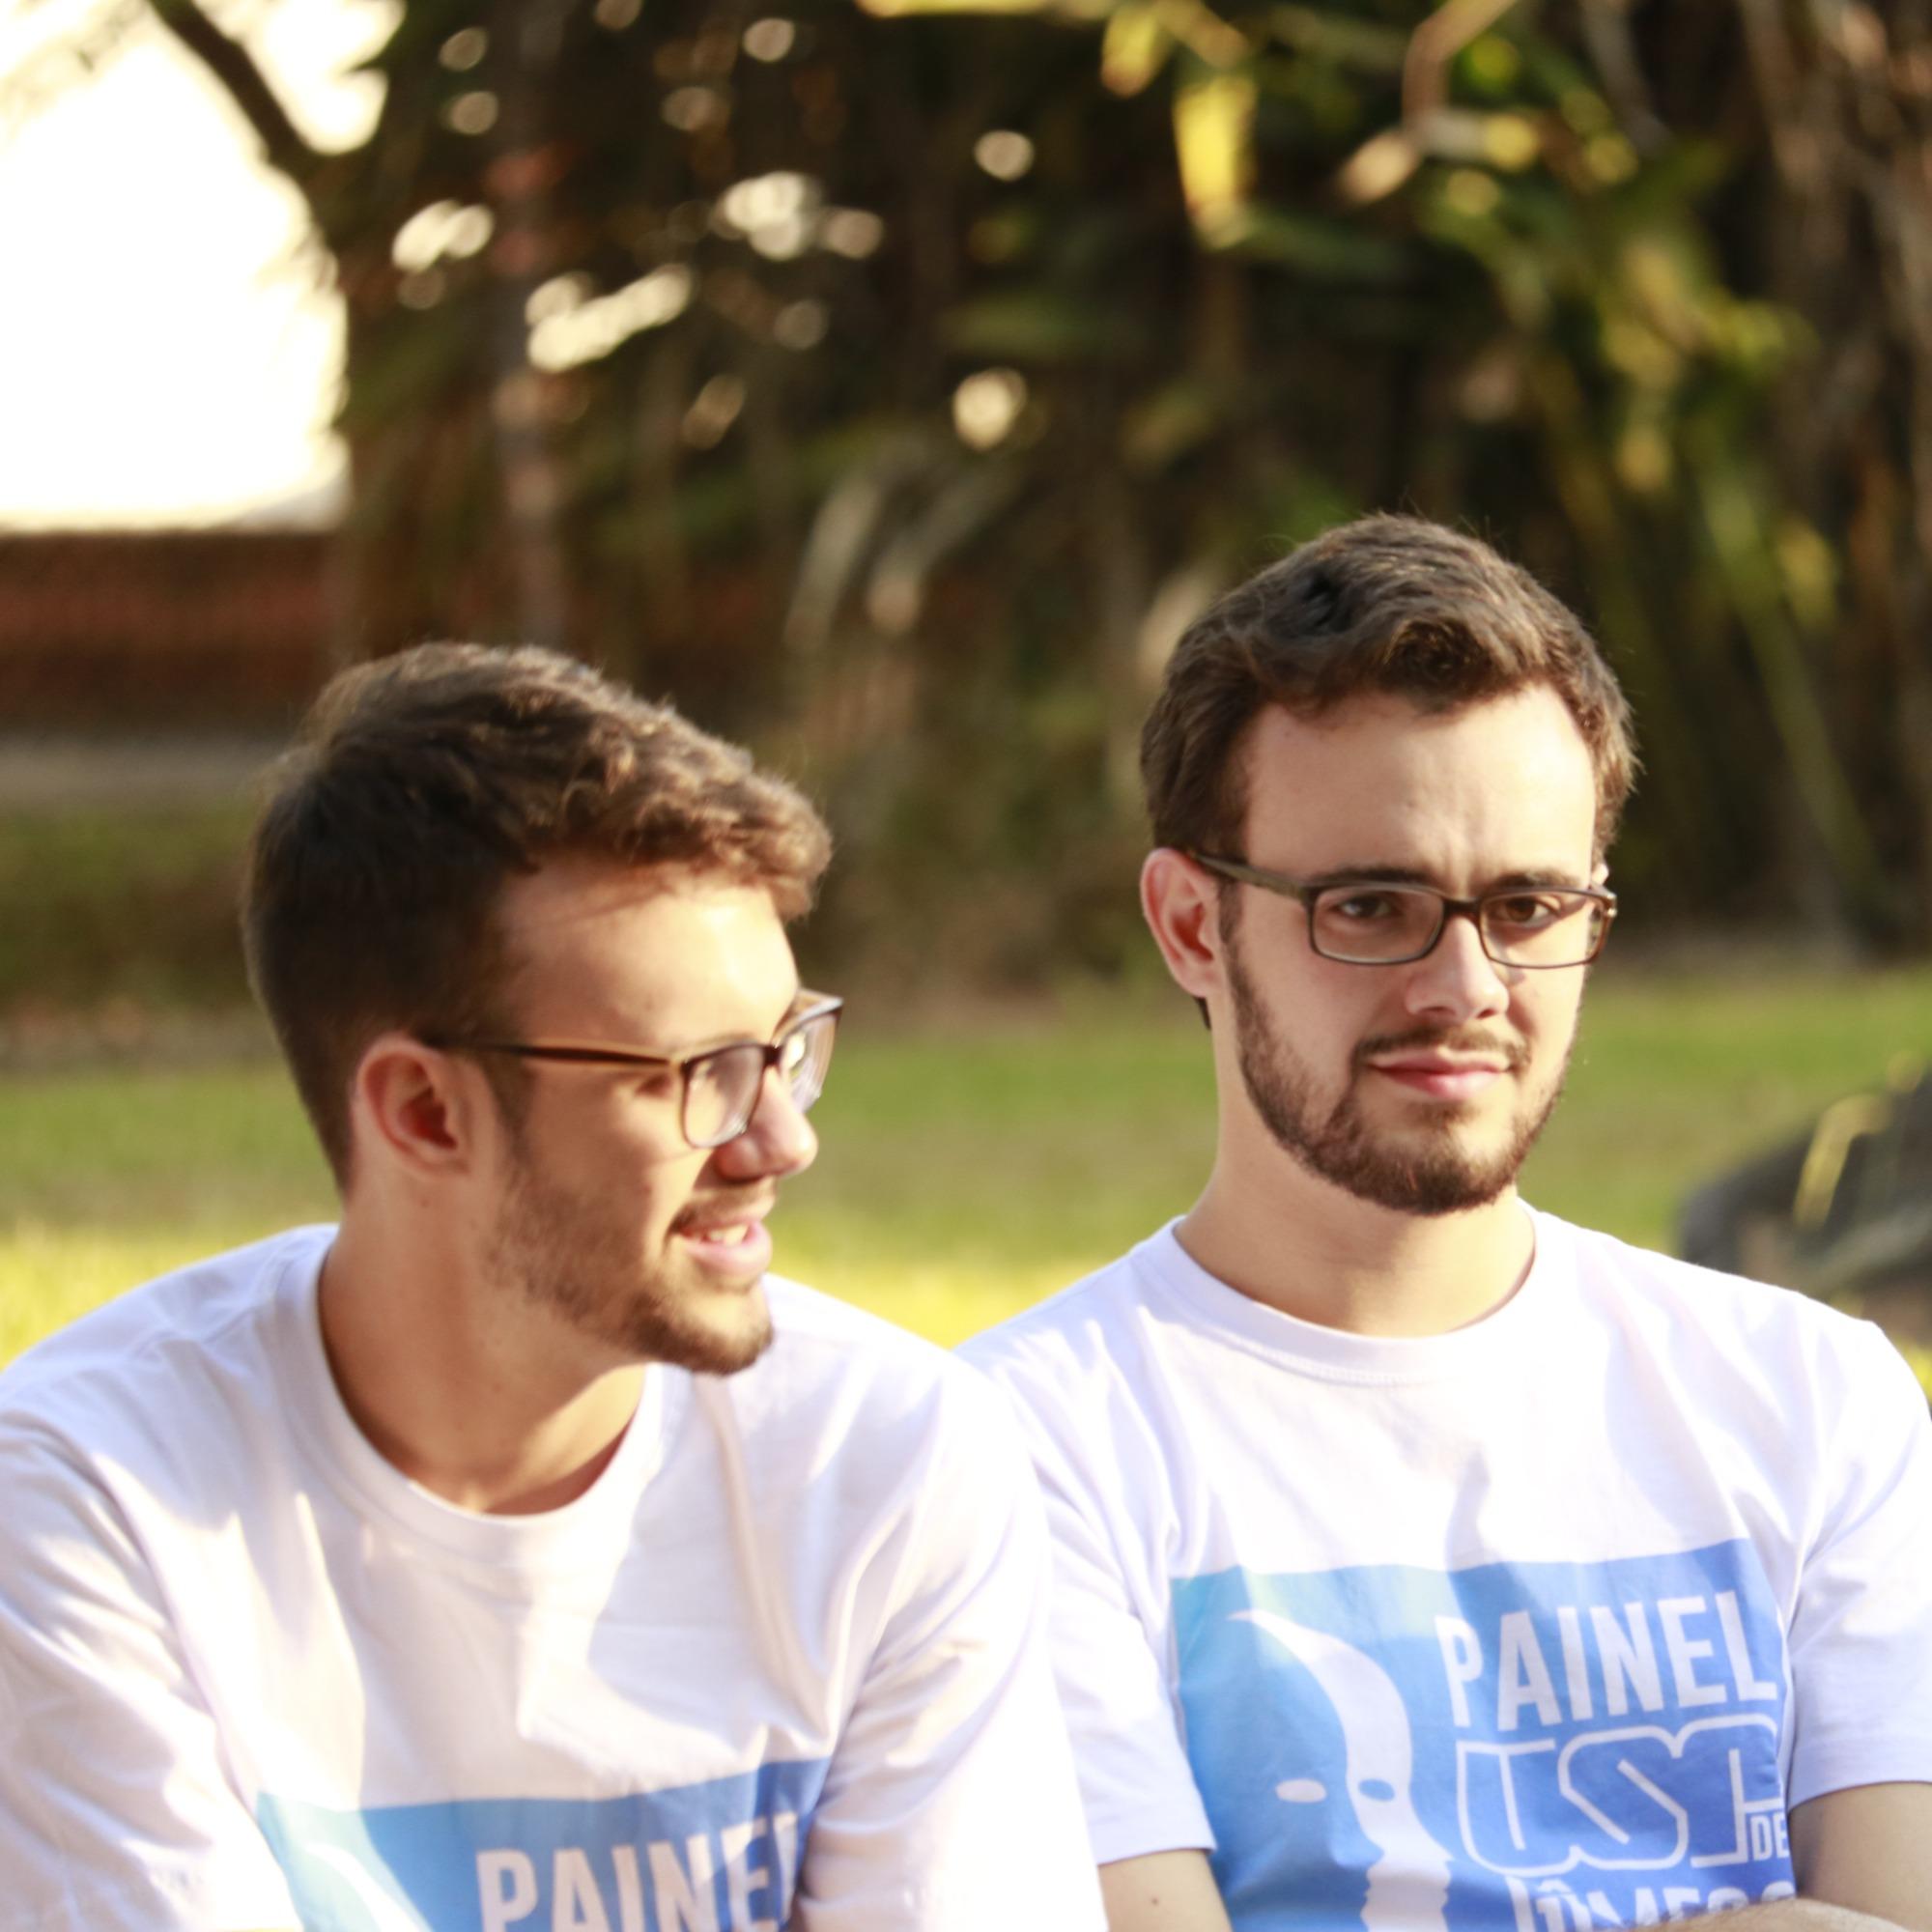 Foto_-_Mauro_Dias_Silva_J%C3%83%C2%BAnio